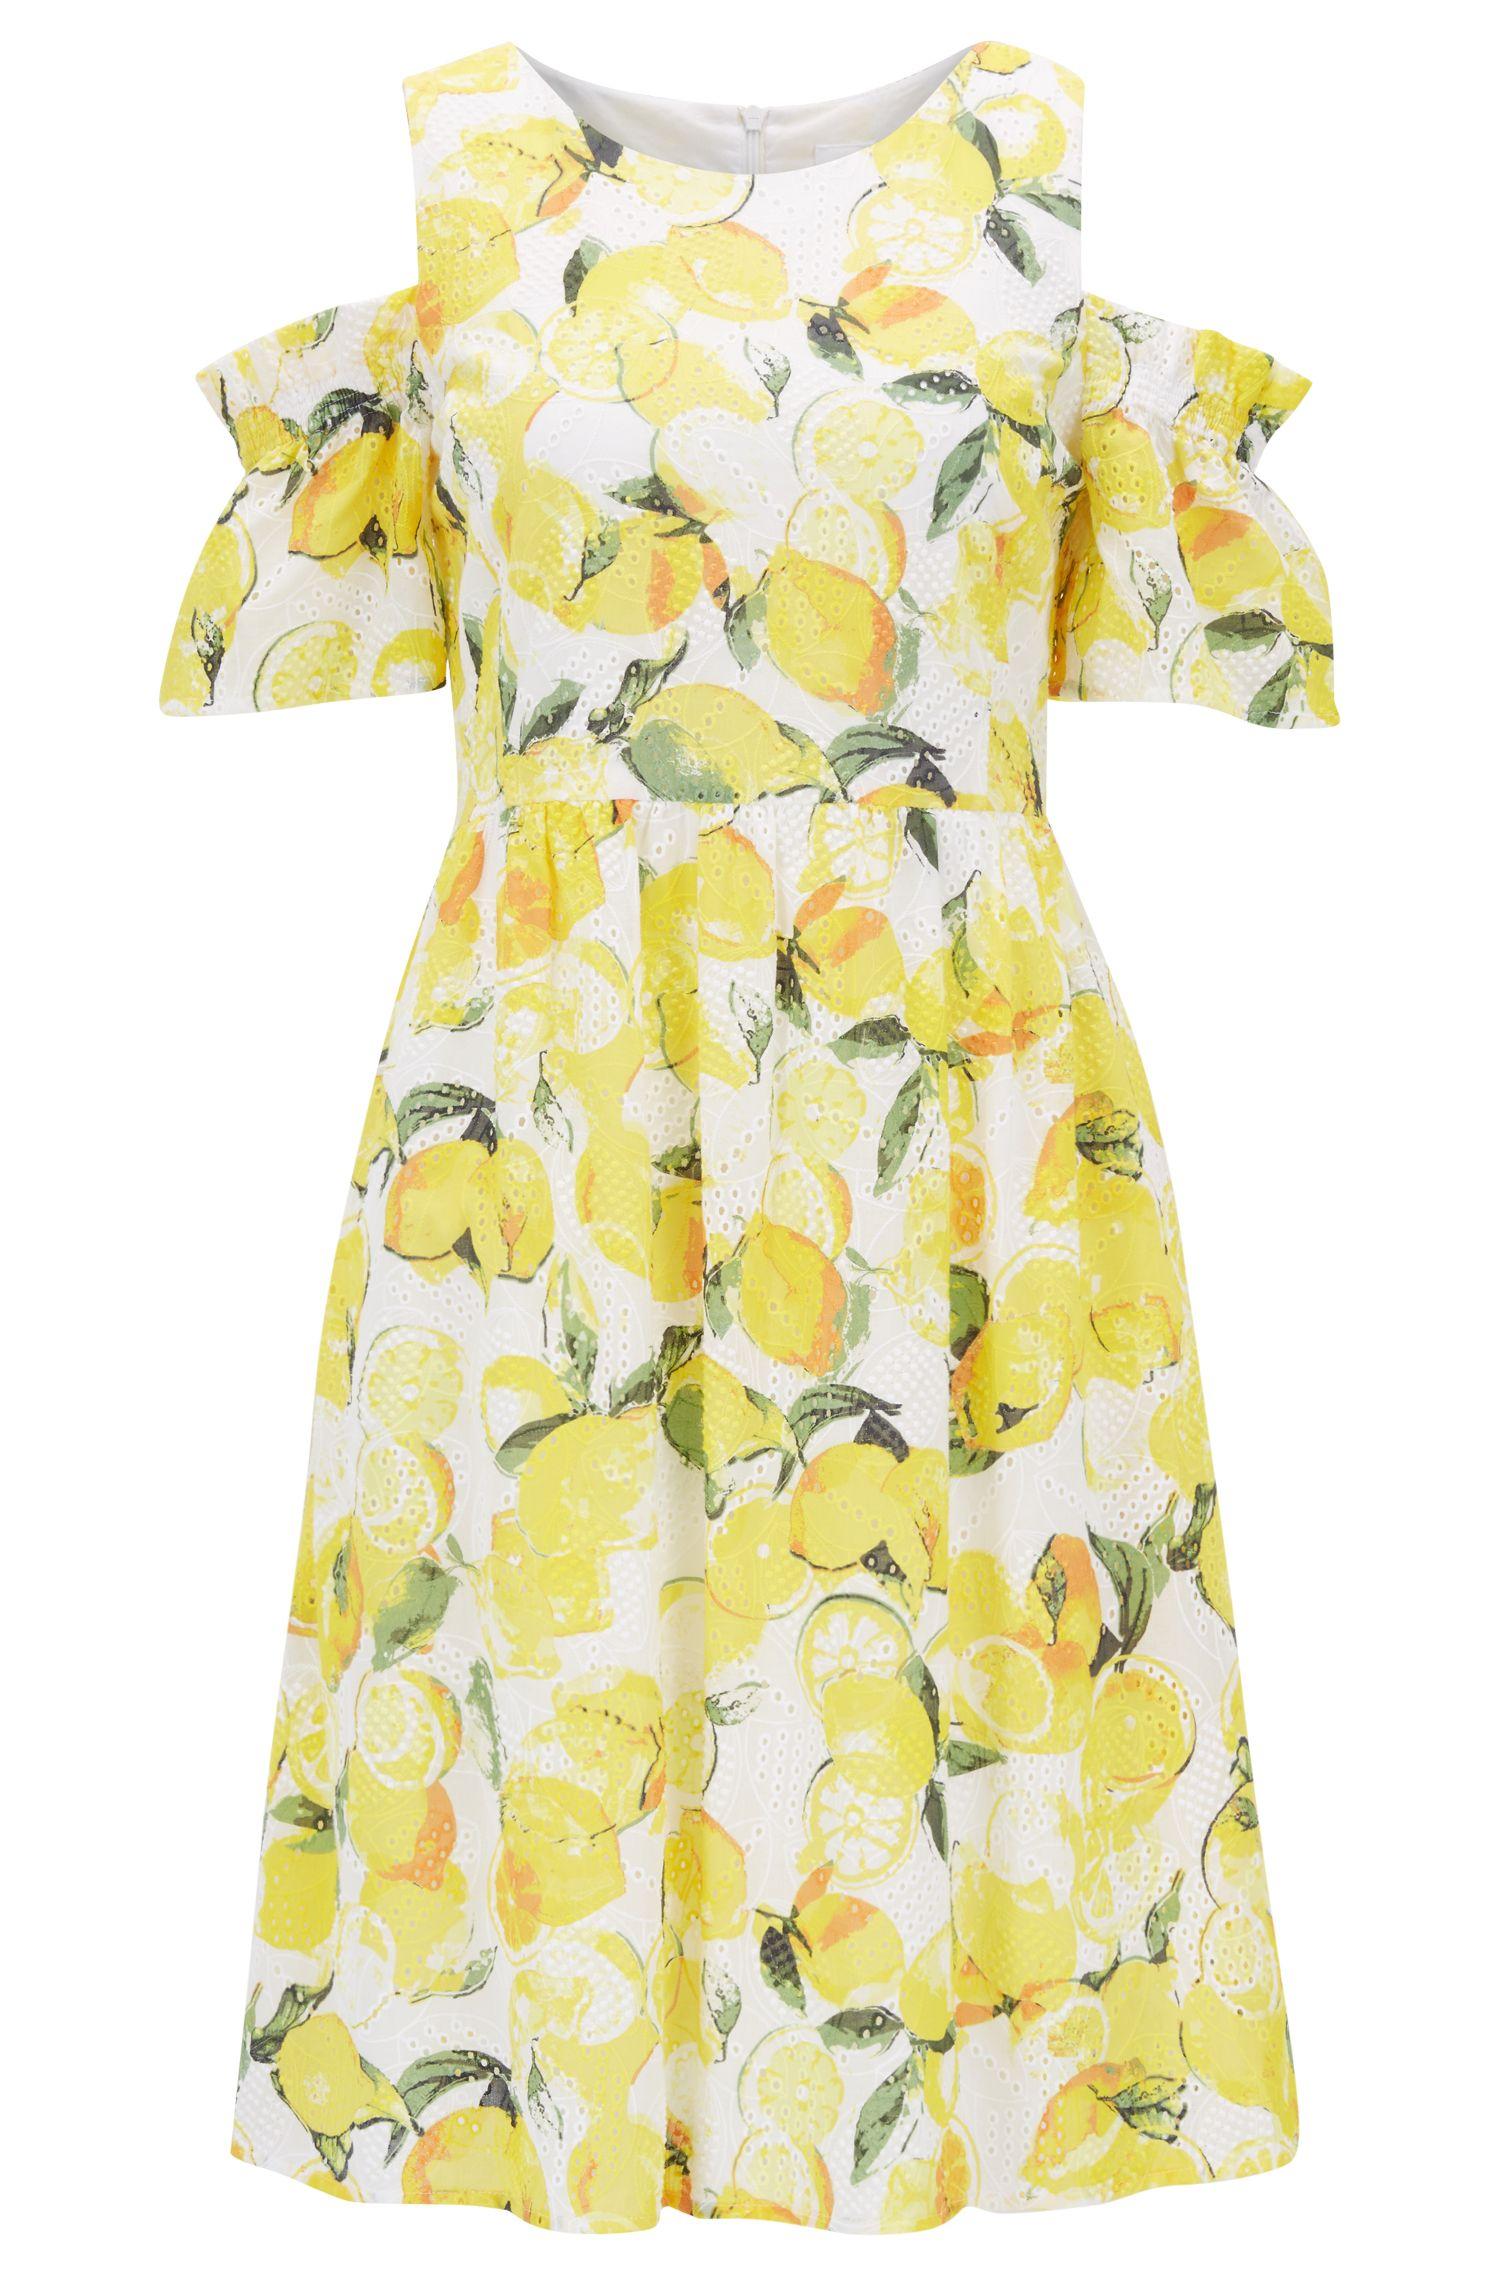 Vestido de algodón con bordado inglés y estampado de limones